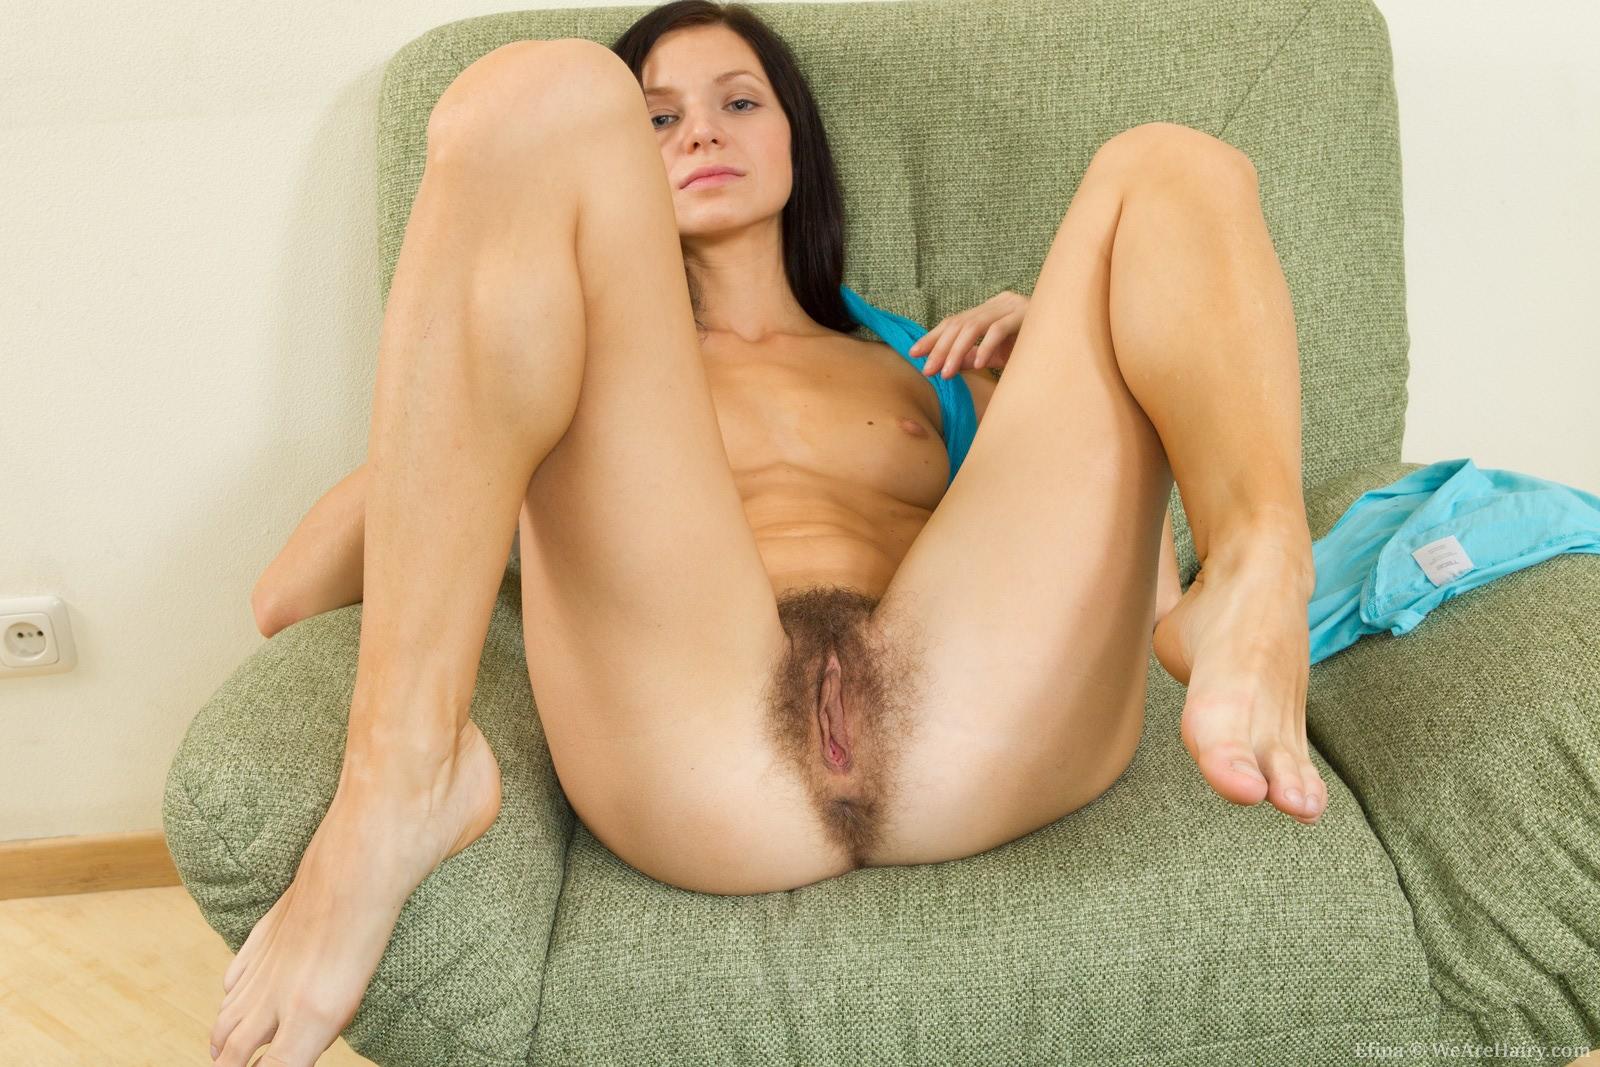 онлайн порно с волосатыми девочками